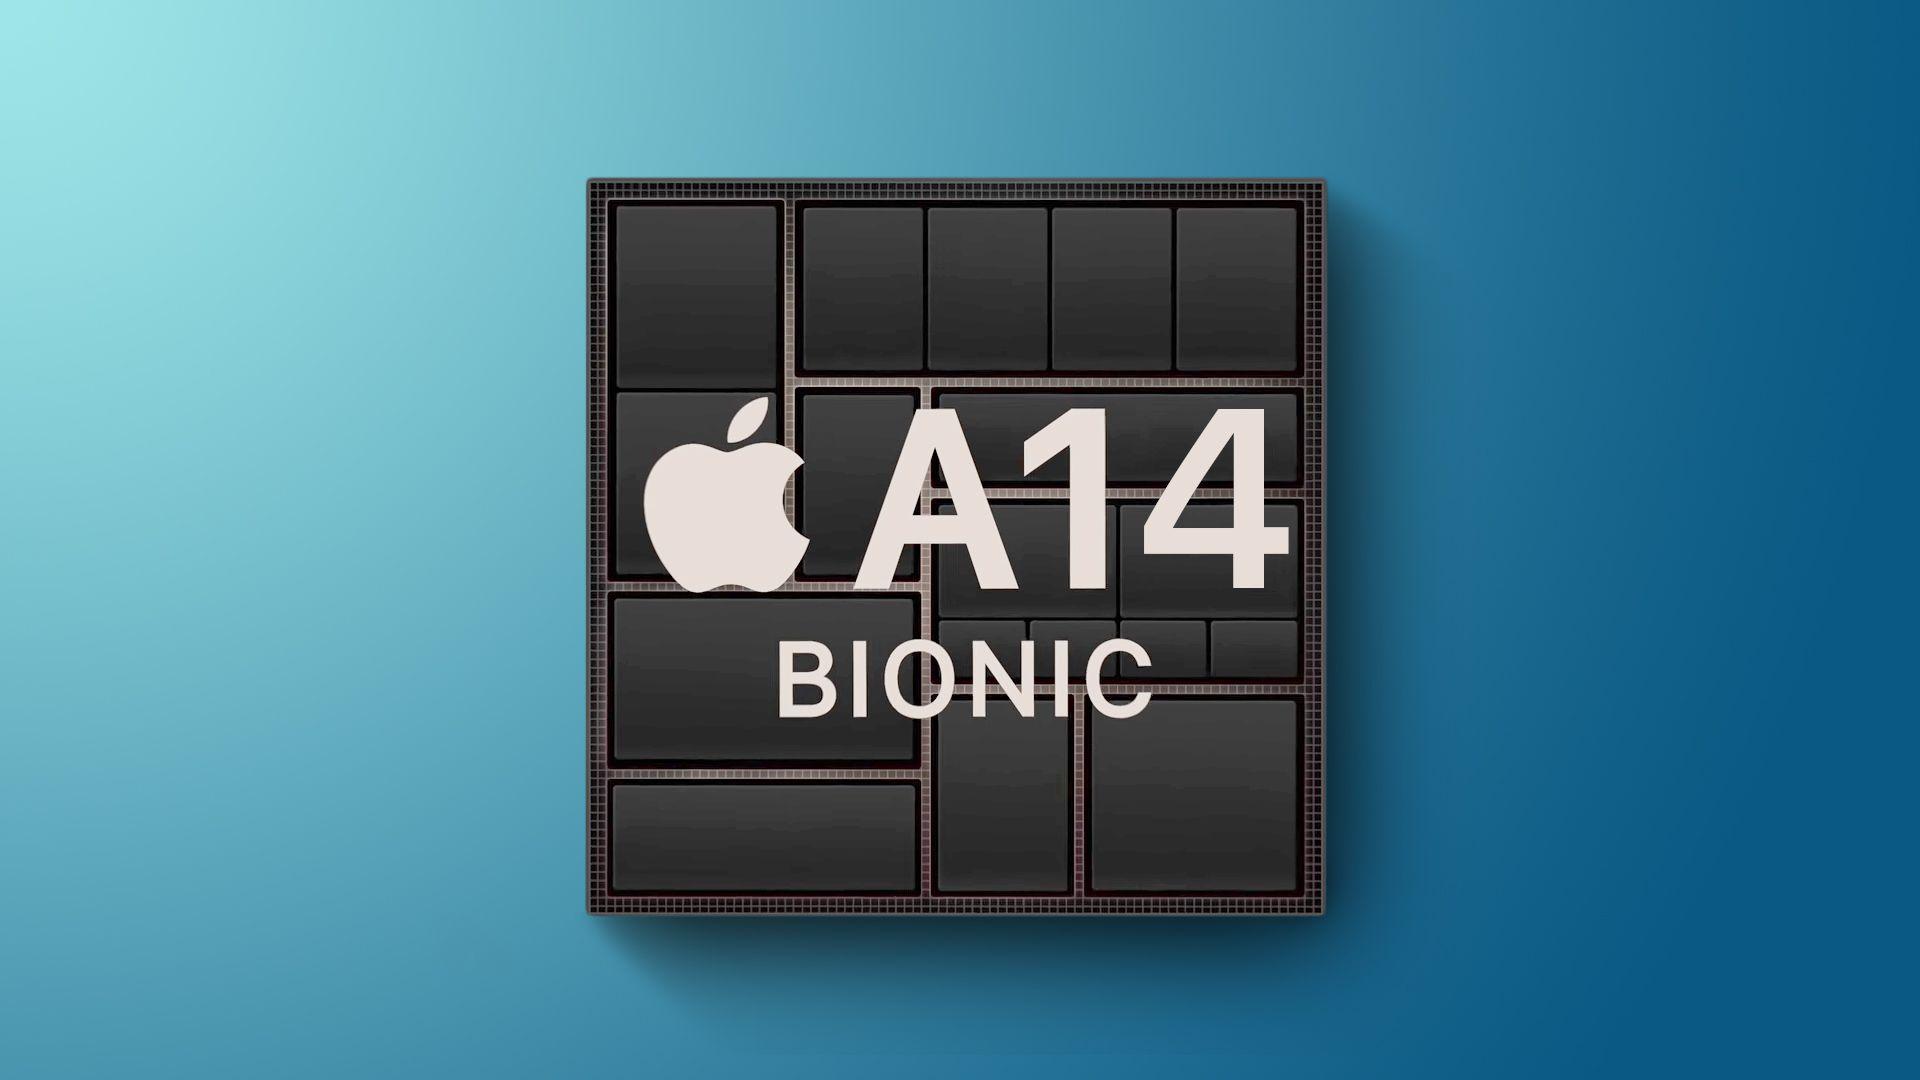 Ilustração do chip A14 Bionic